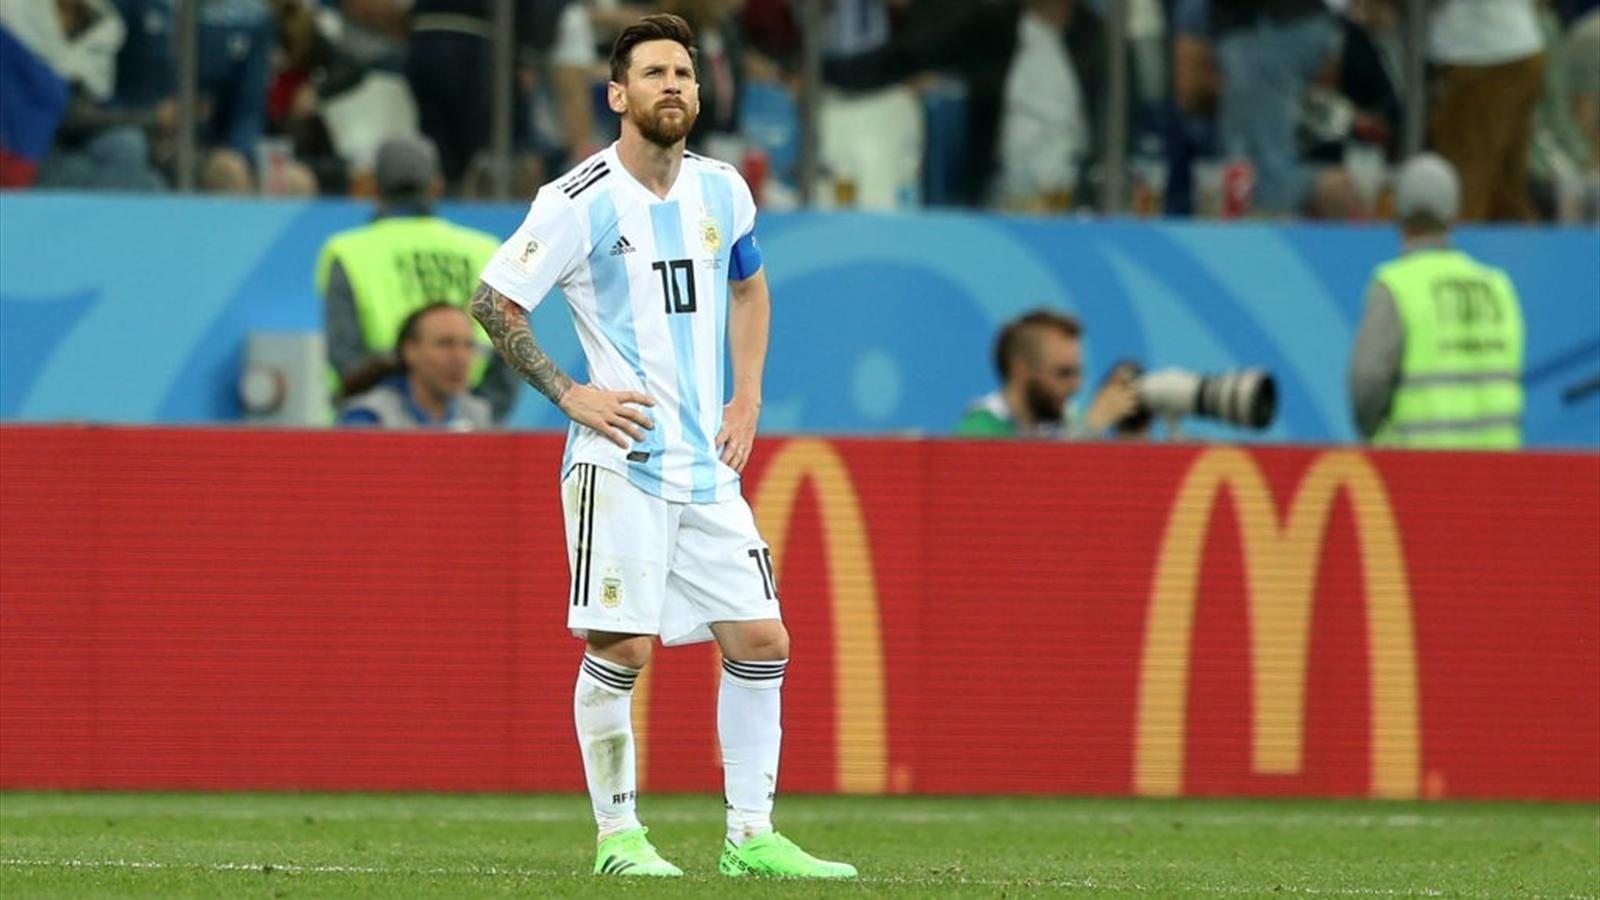 Присыпьте горсть земли. На смерть сборной Аргентины